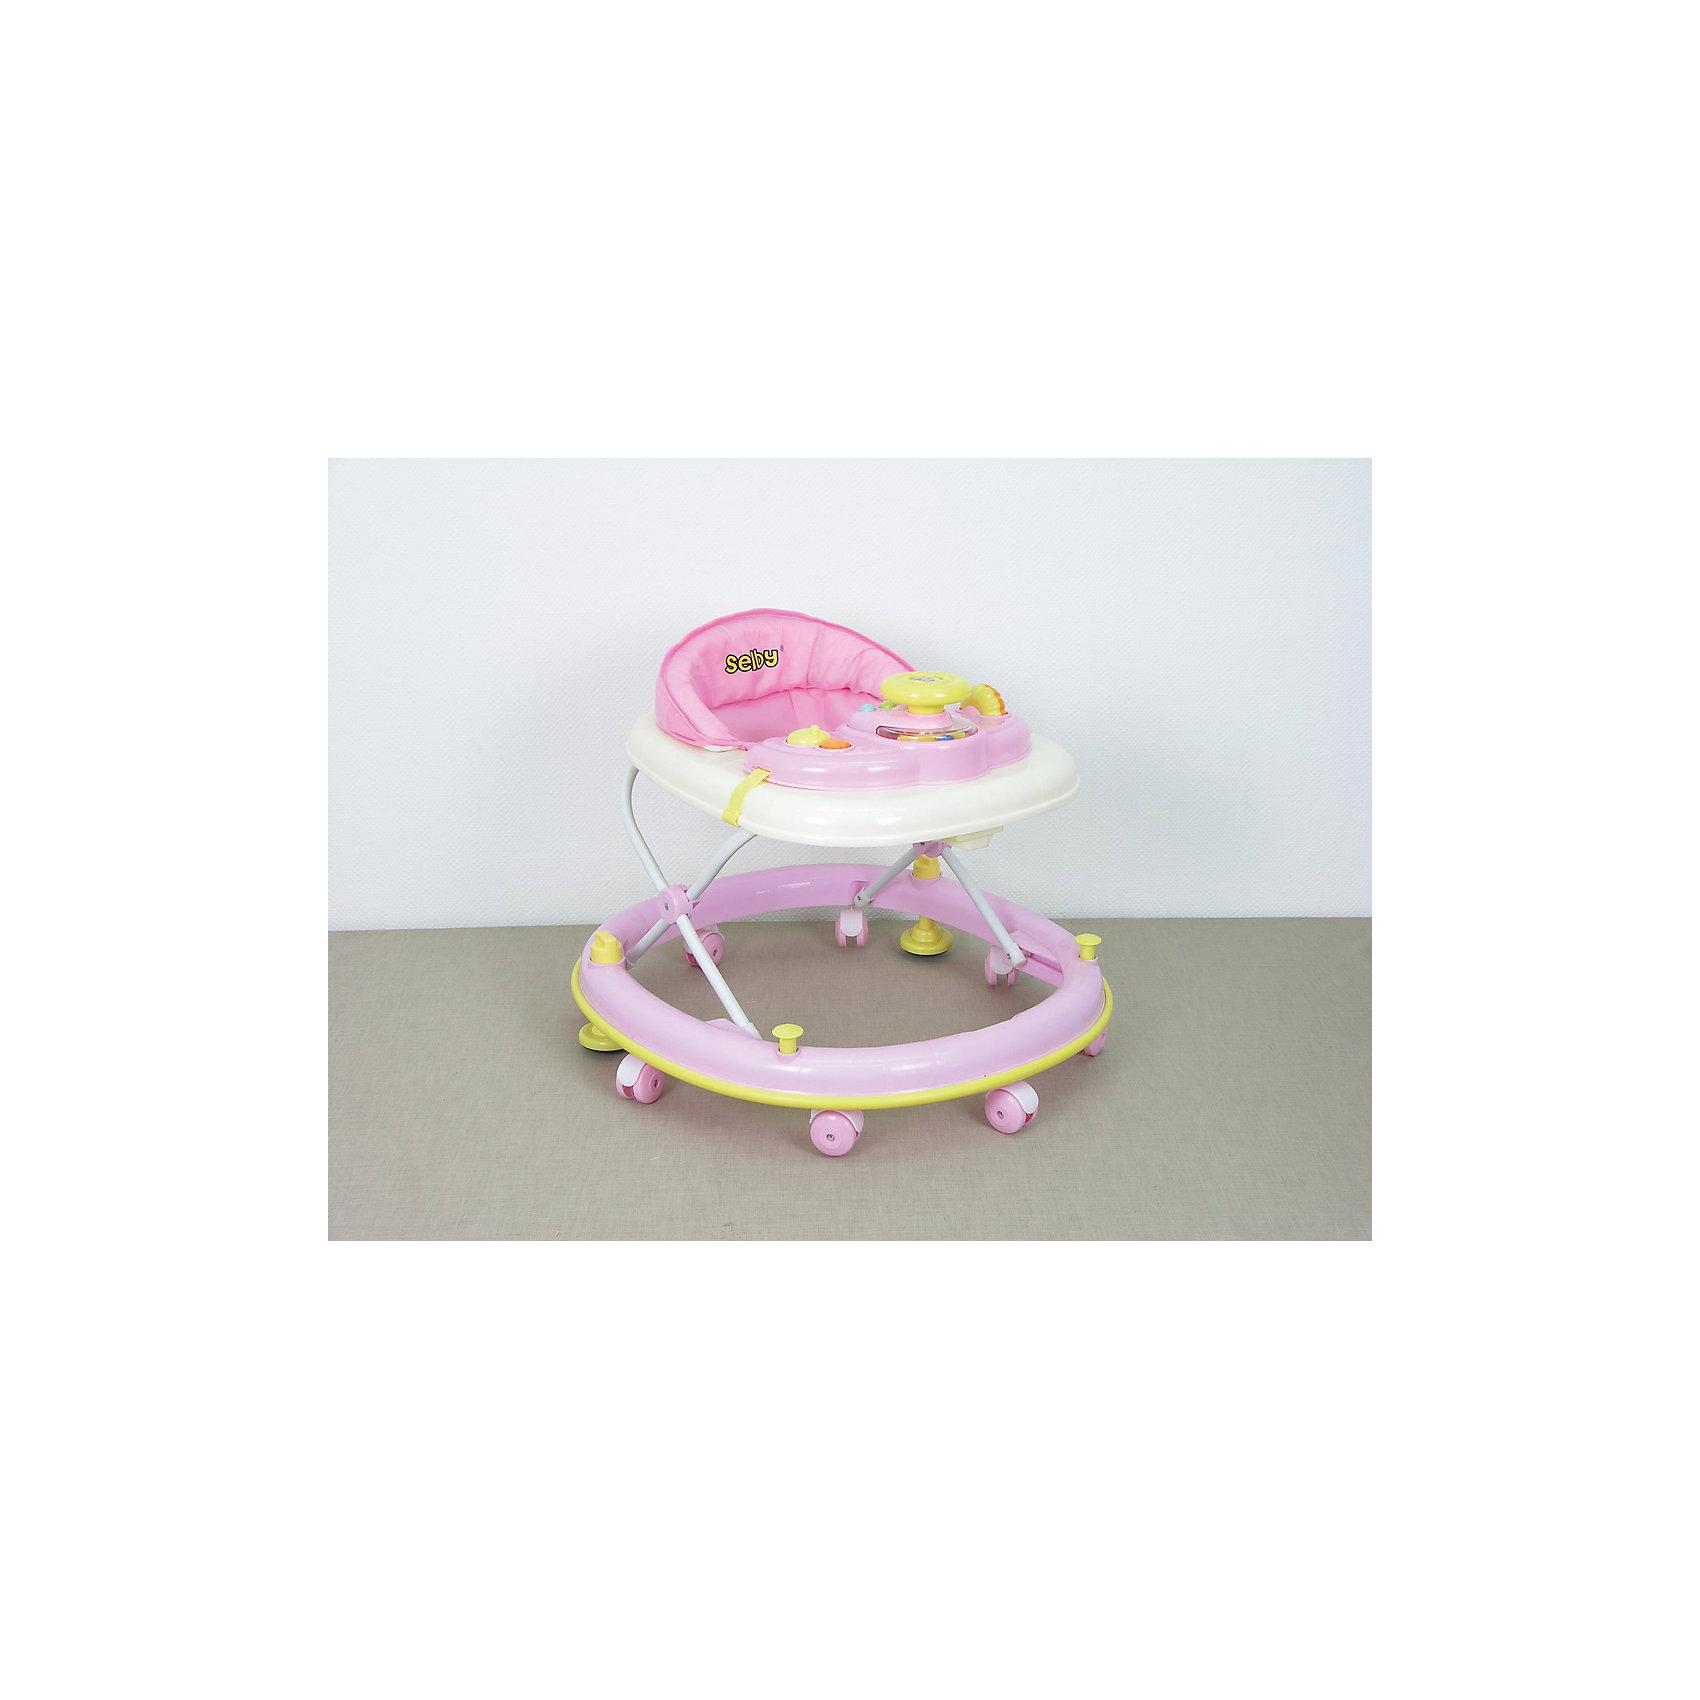 Ходунки BS-300, Selby, розовыйХодунки<br>регулировка высоты сидения, - музыкальная игровая панель, - мягкое сидение, - стопоры - съемный чехол кресла, - эргономичный дизайн, - безопасная конструкция<br><br>Ширина мм: 710<br>Глубина мм: 660<br>Высота мм: 660<br>Вес г: 3900<br>Возраст от месяцев: 6<br>Возраст до месяцев: 12<br>Пол: Унисекс<br>Возраст: Детский<br>SKU: 5610170